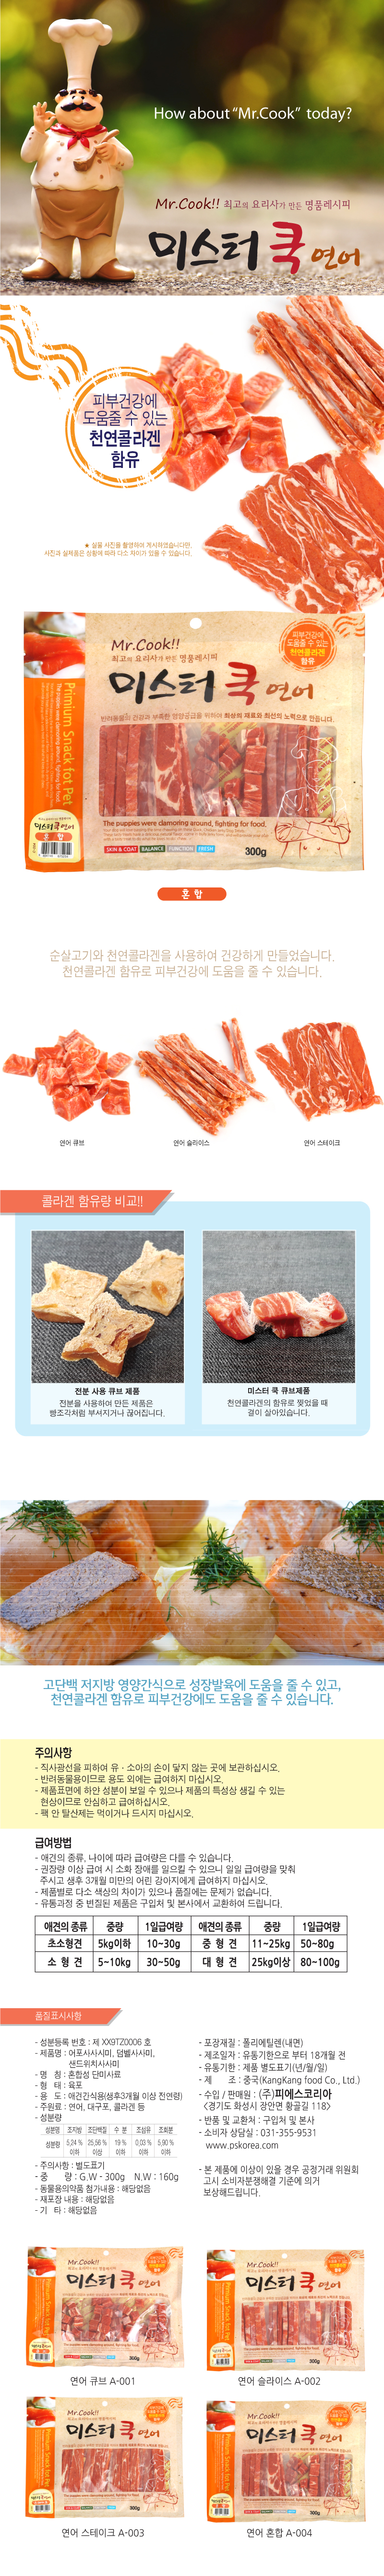 미스터쿡 연어맛 상세페이지